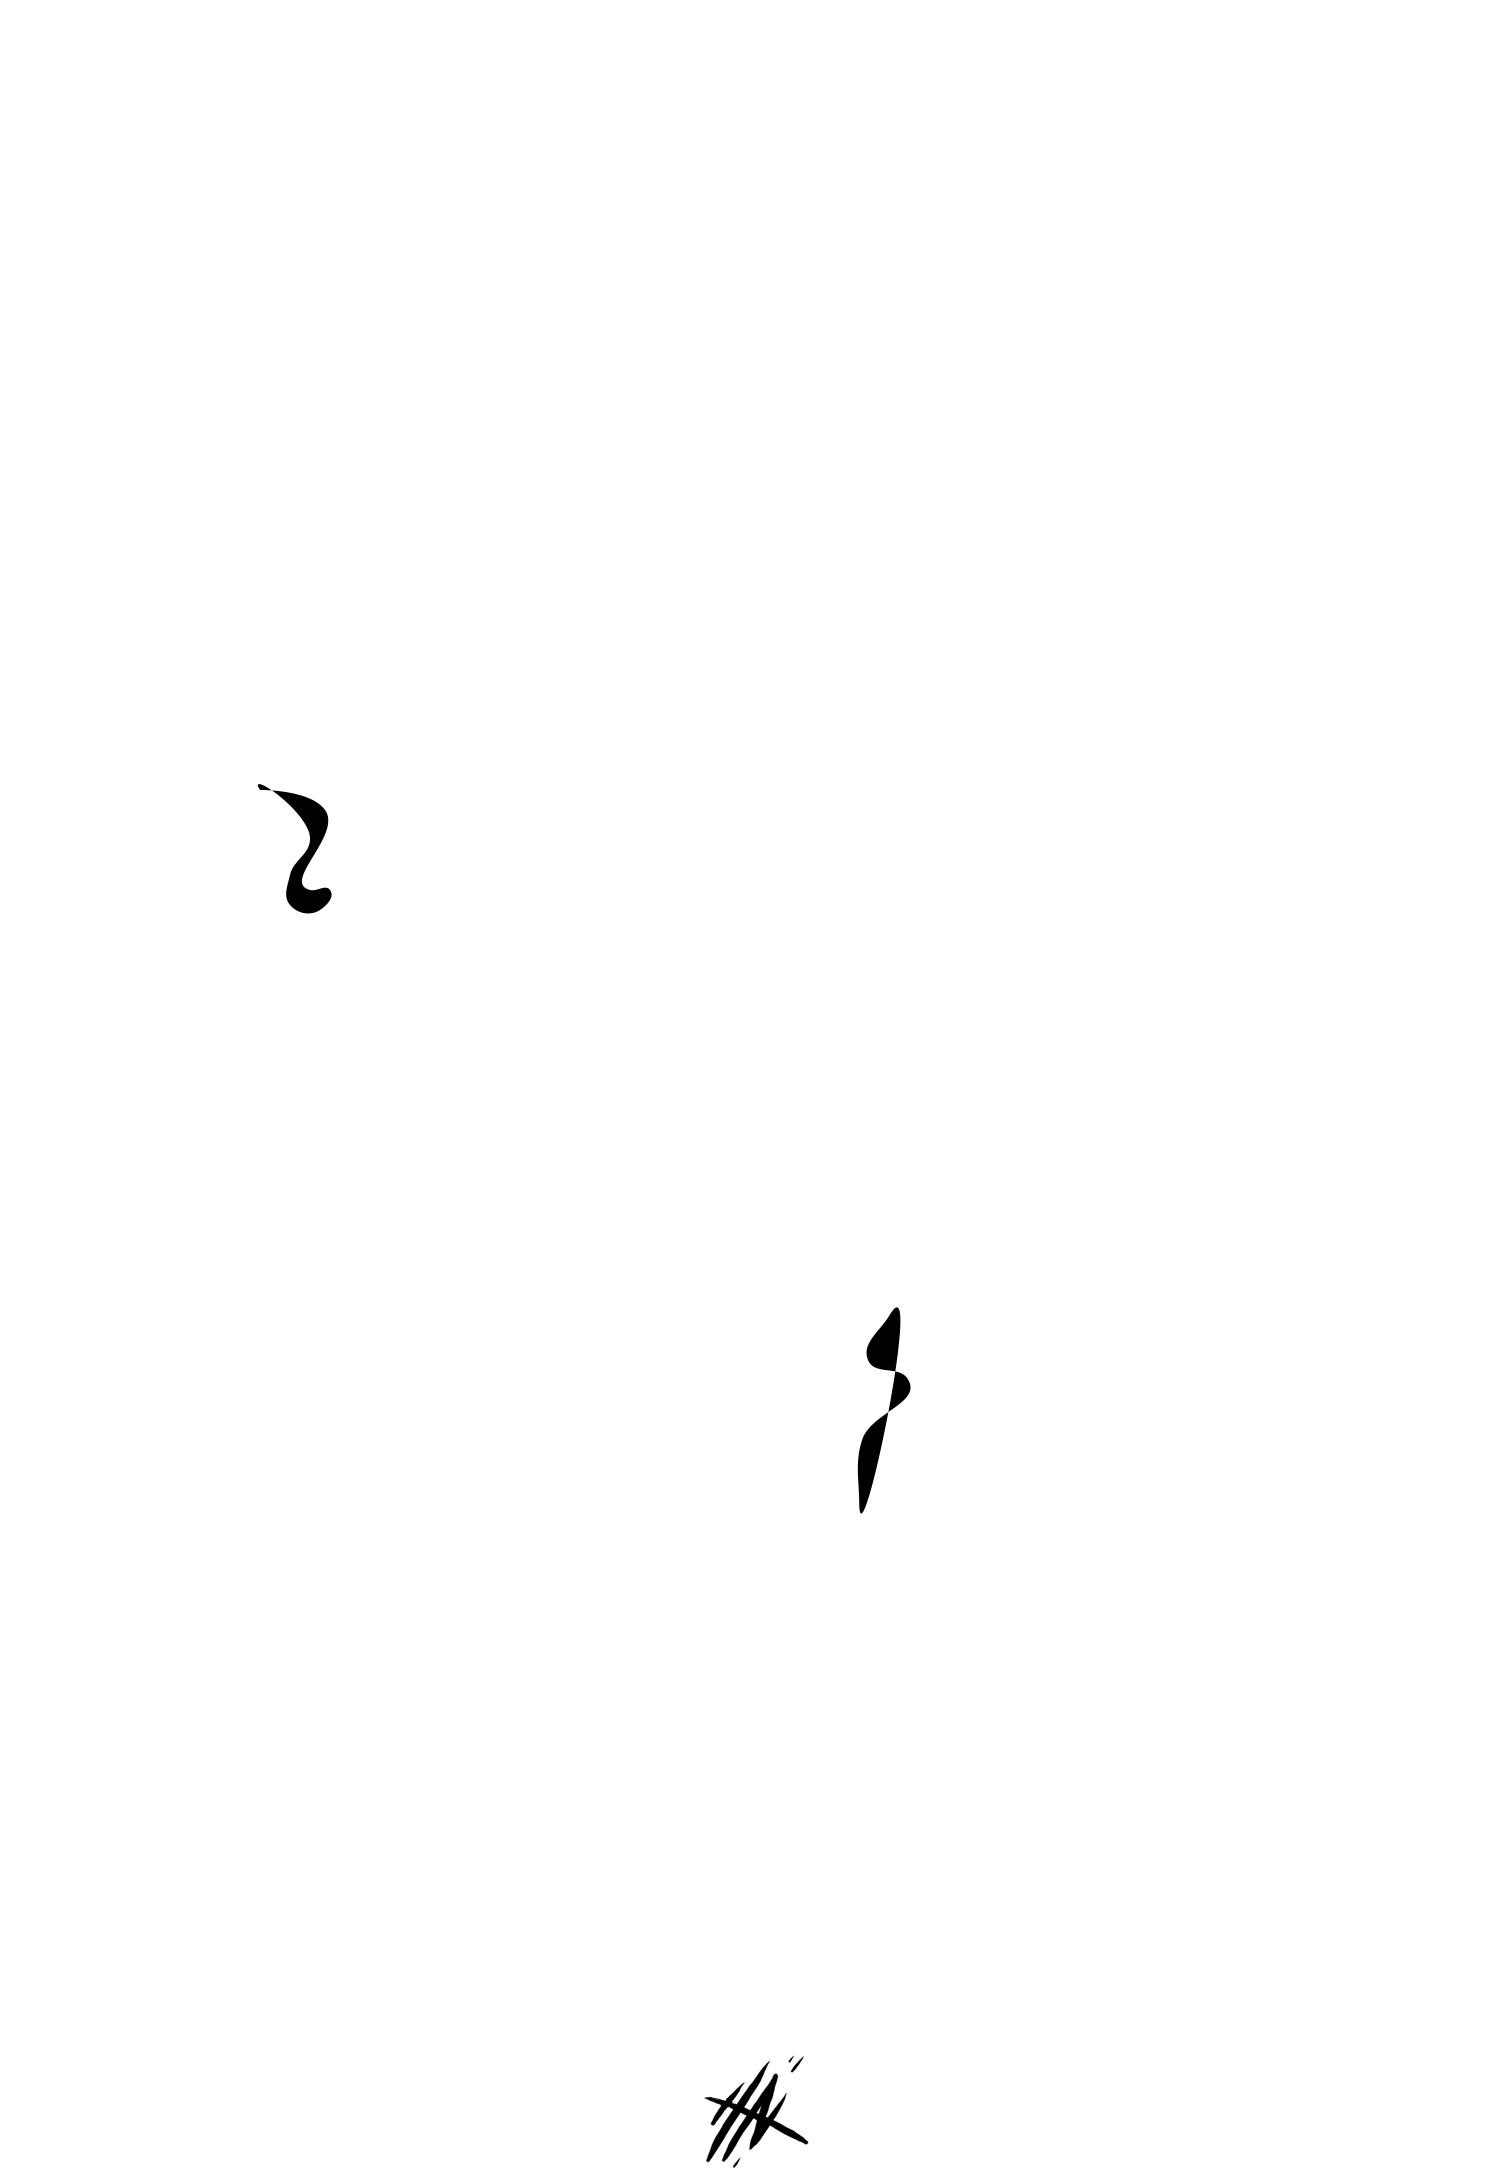 Lim of a (frame)